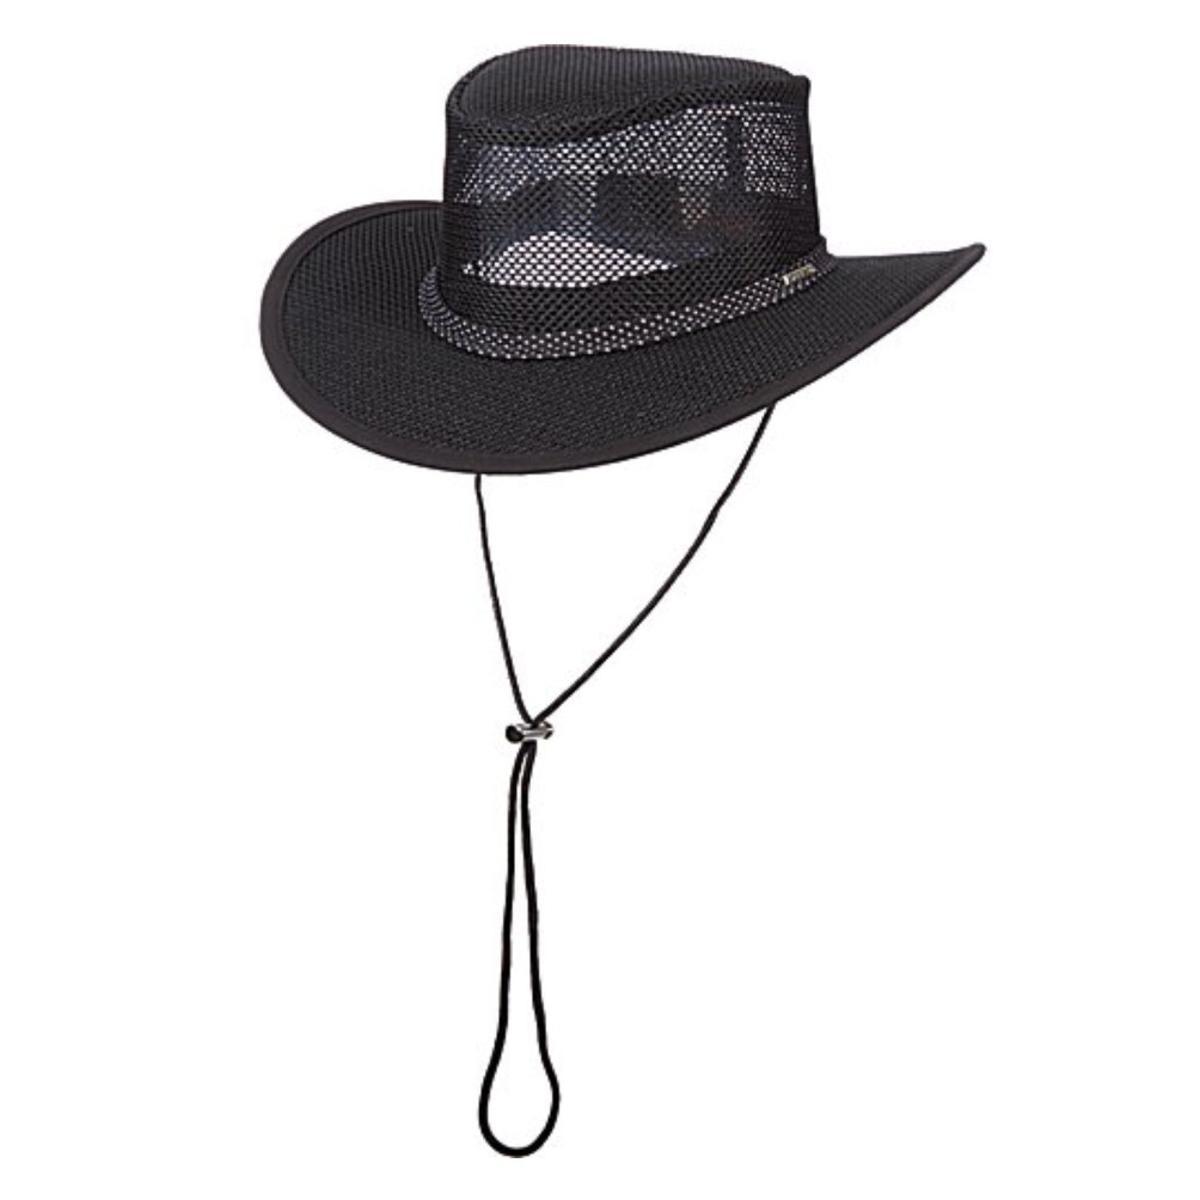 spätester Verkauf begrenzter Verkauf tolle Passform Details about Dorfman Pacific STC205 Stetson Mesh Covered Safari Hat With  Chin Cord